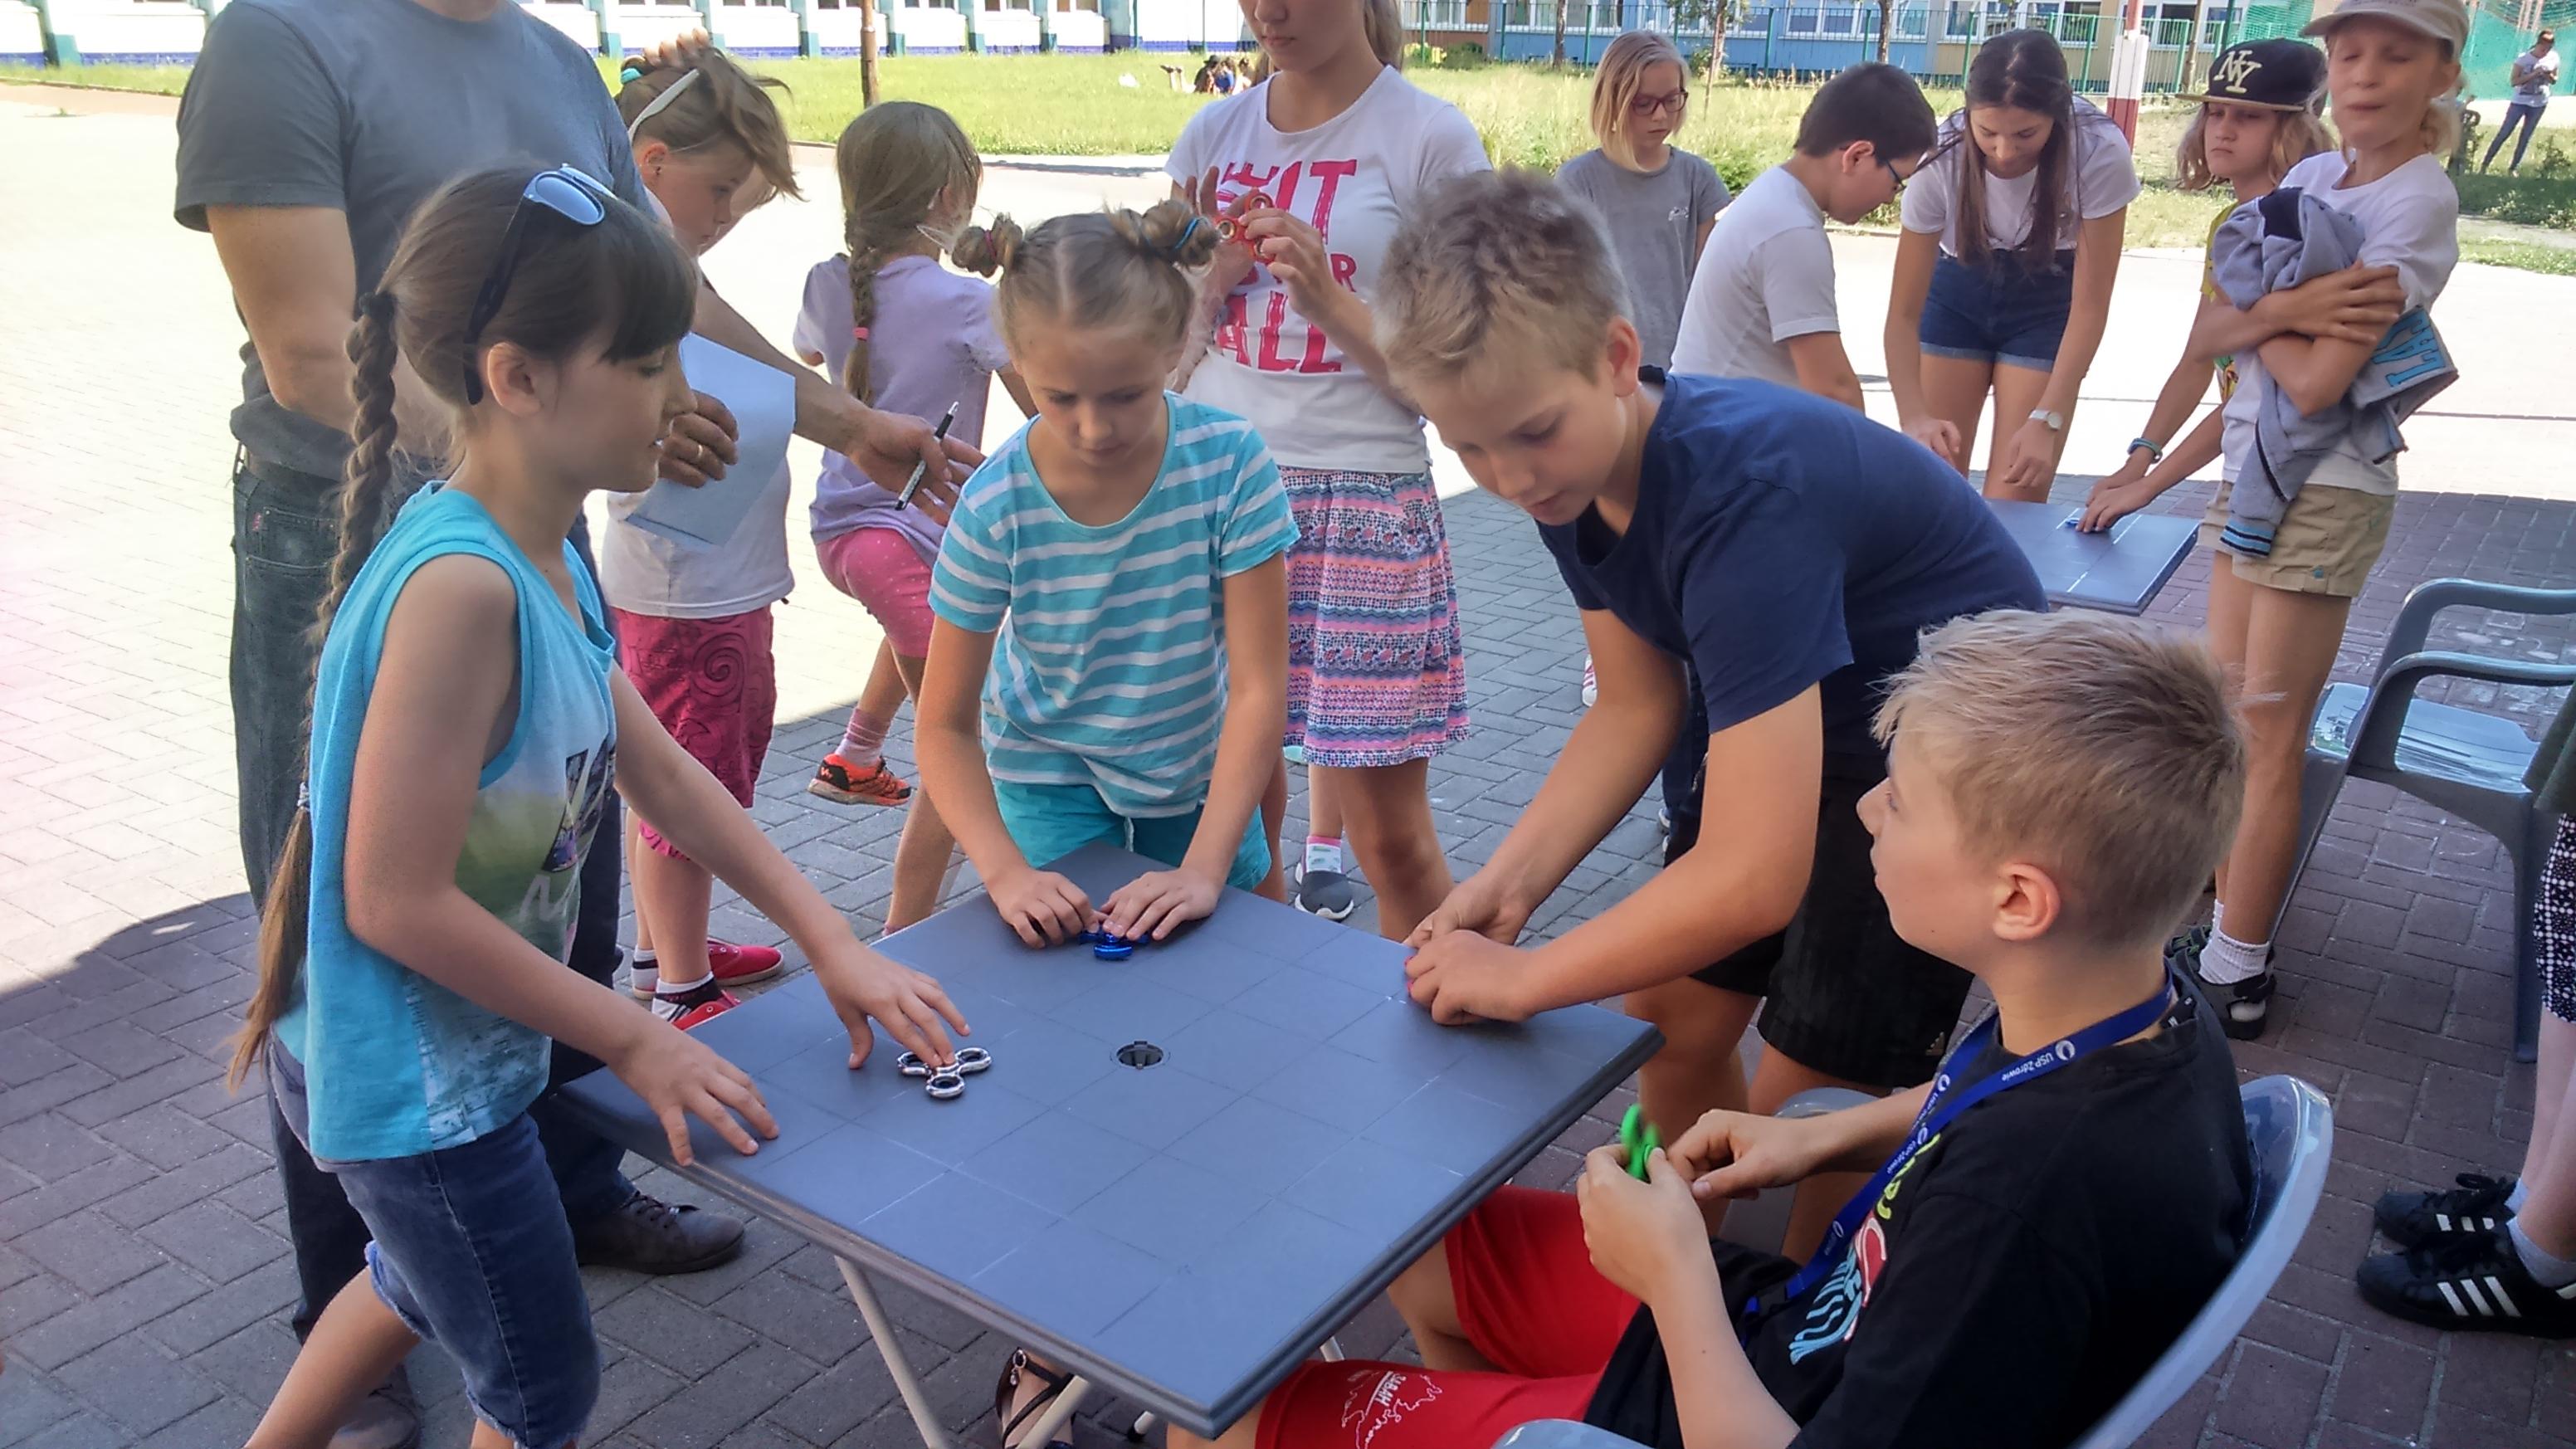 Turniej w kółko i krzyżyk oraz fidget spinner